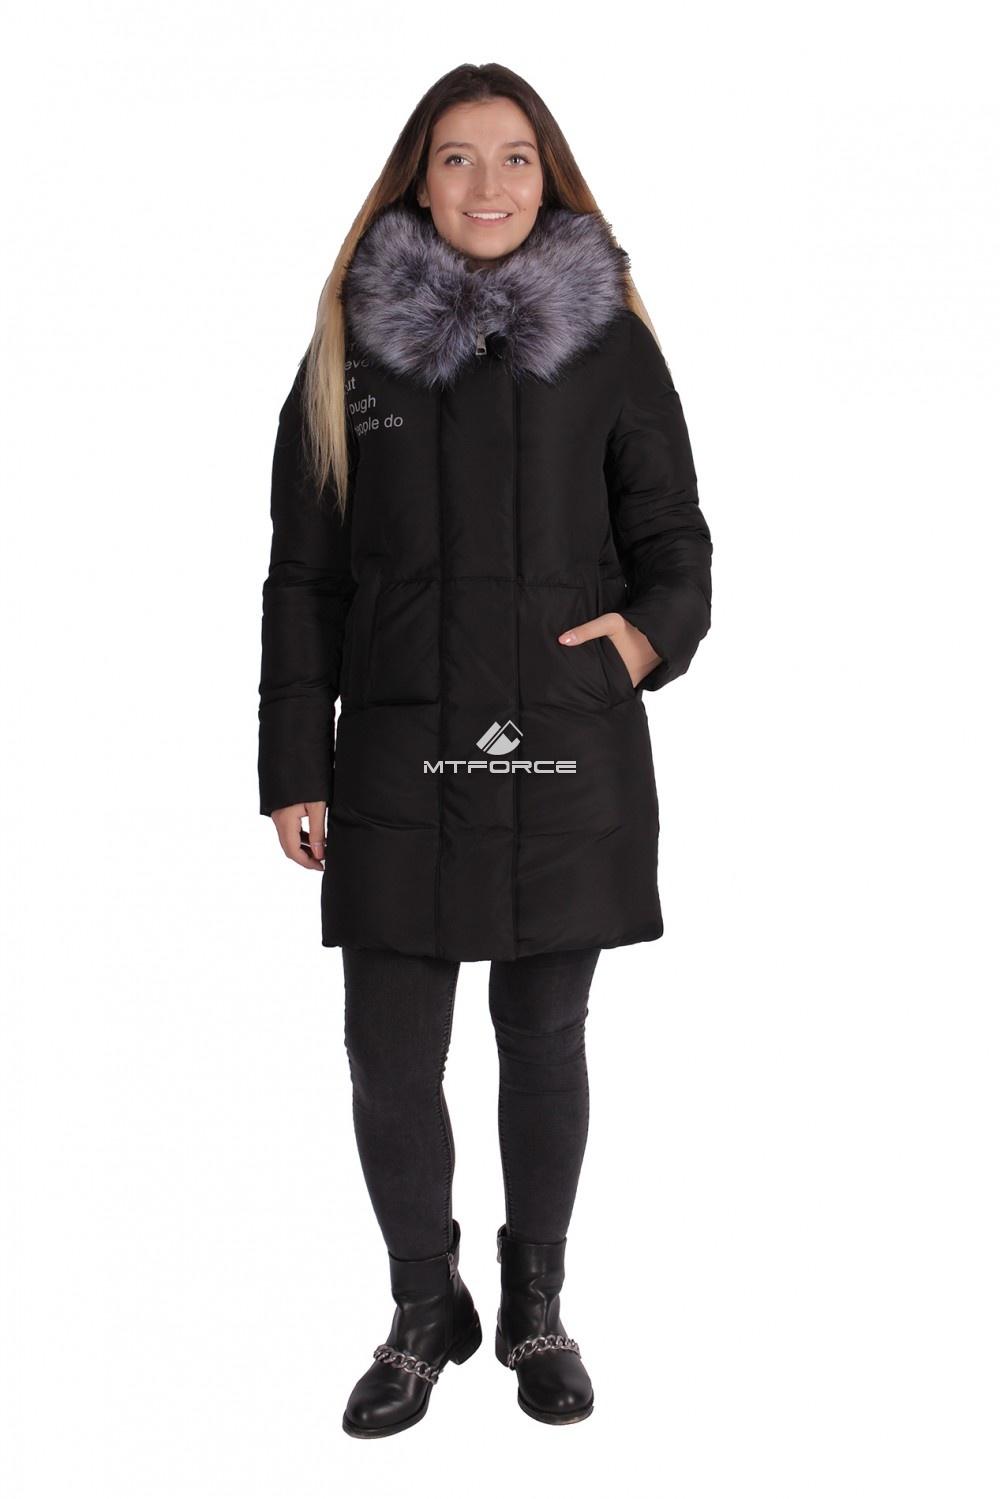 Купить                                  оптом Пуховик ТРЕНД женский зимний черного цвета 16016Ch в Санкт-Петербурге